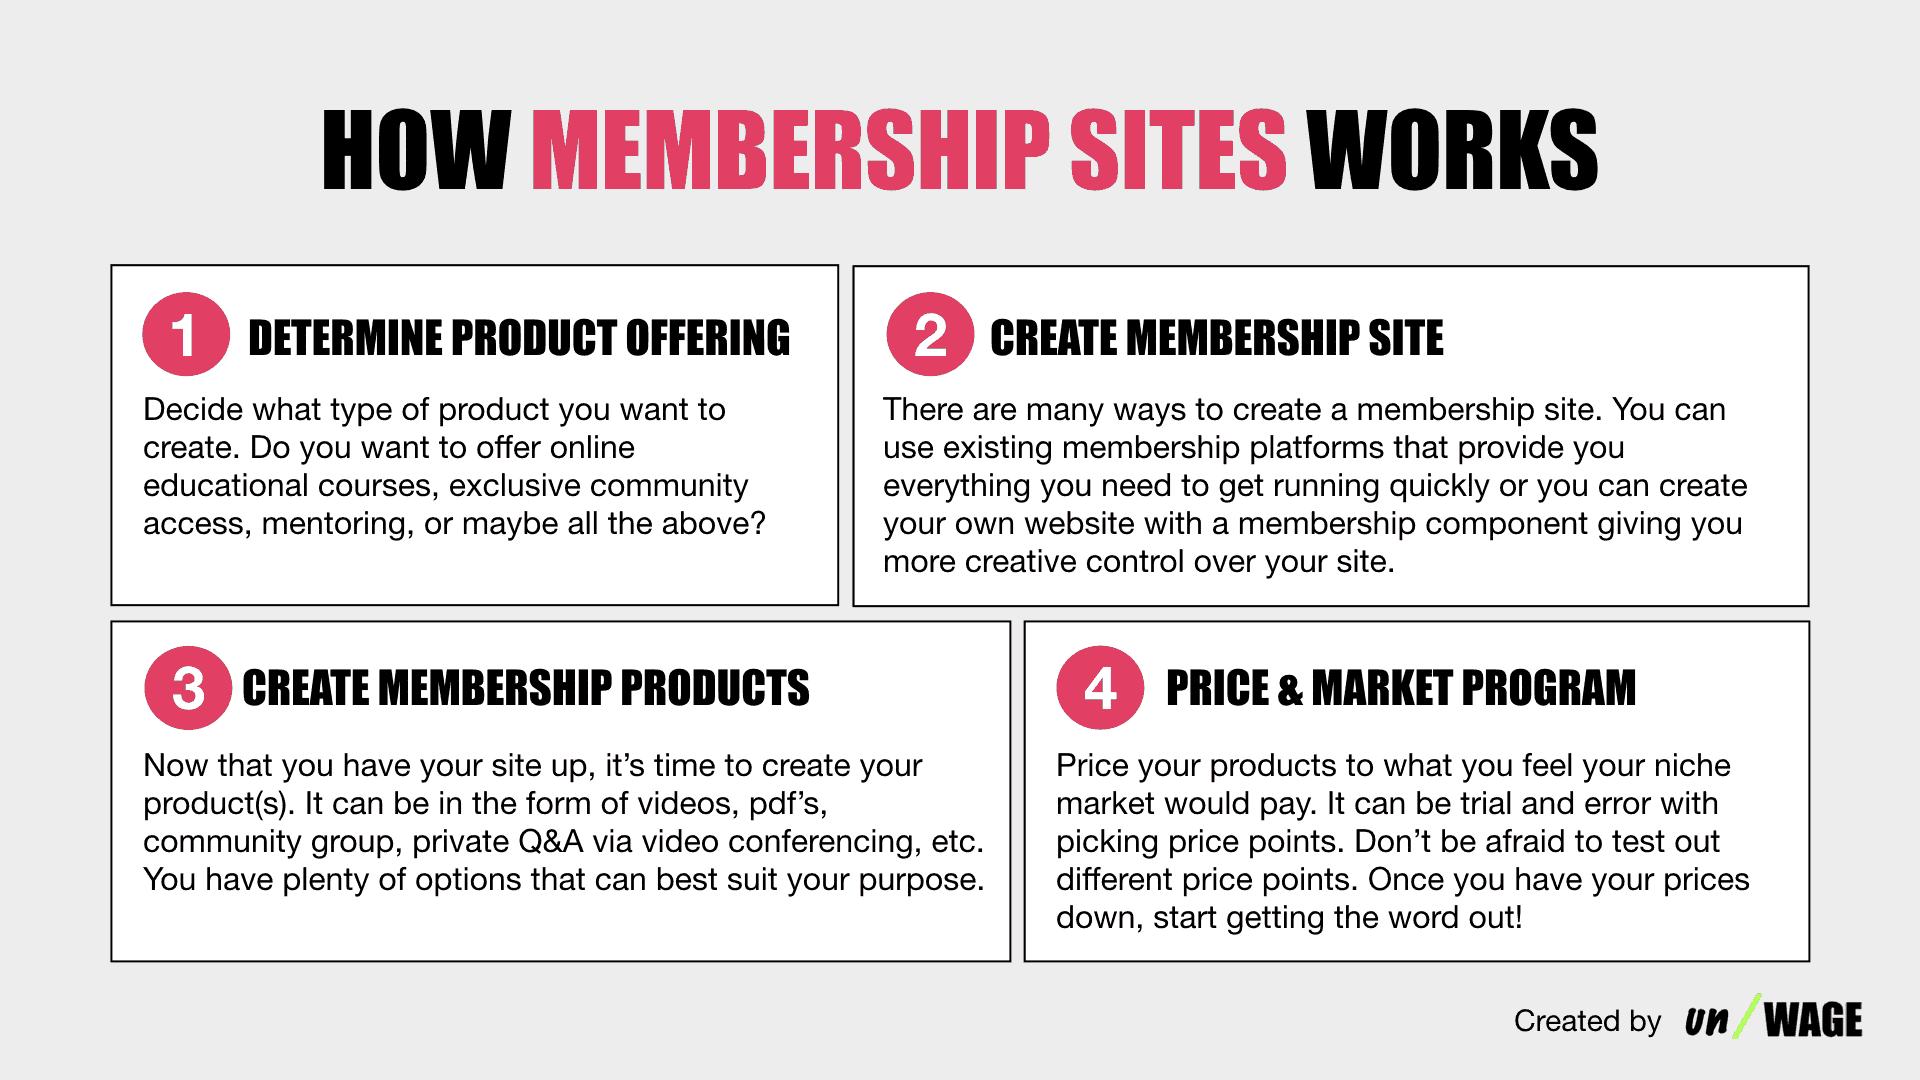 How Membership Sites Works